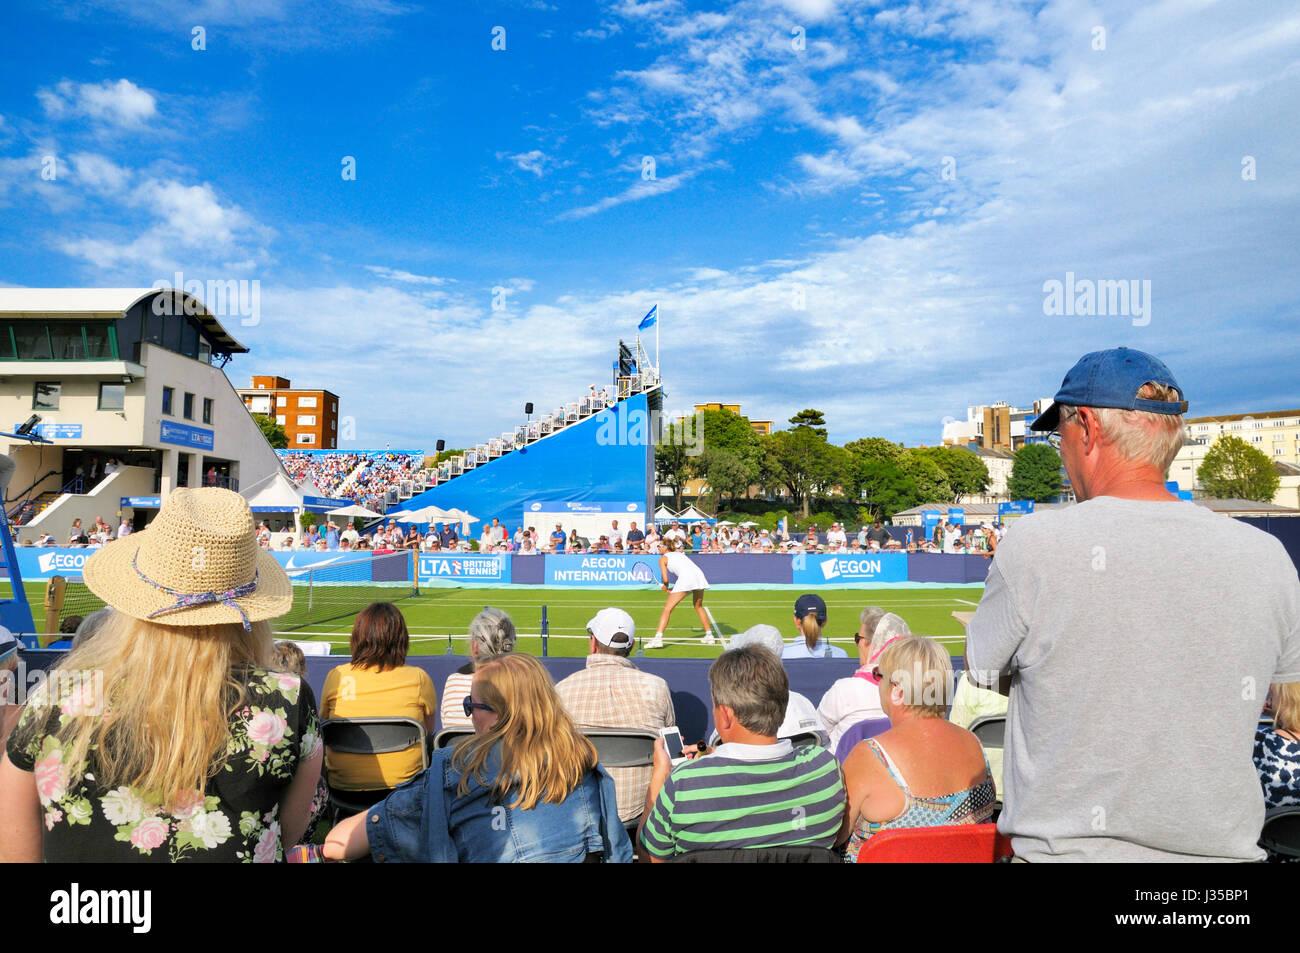 Aegon International Tennis Championships, Devonshire Park, Eastbourne, East Sussex, England, UK - Stock Image